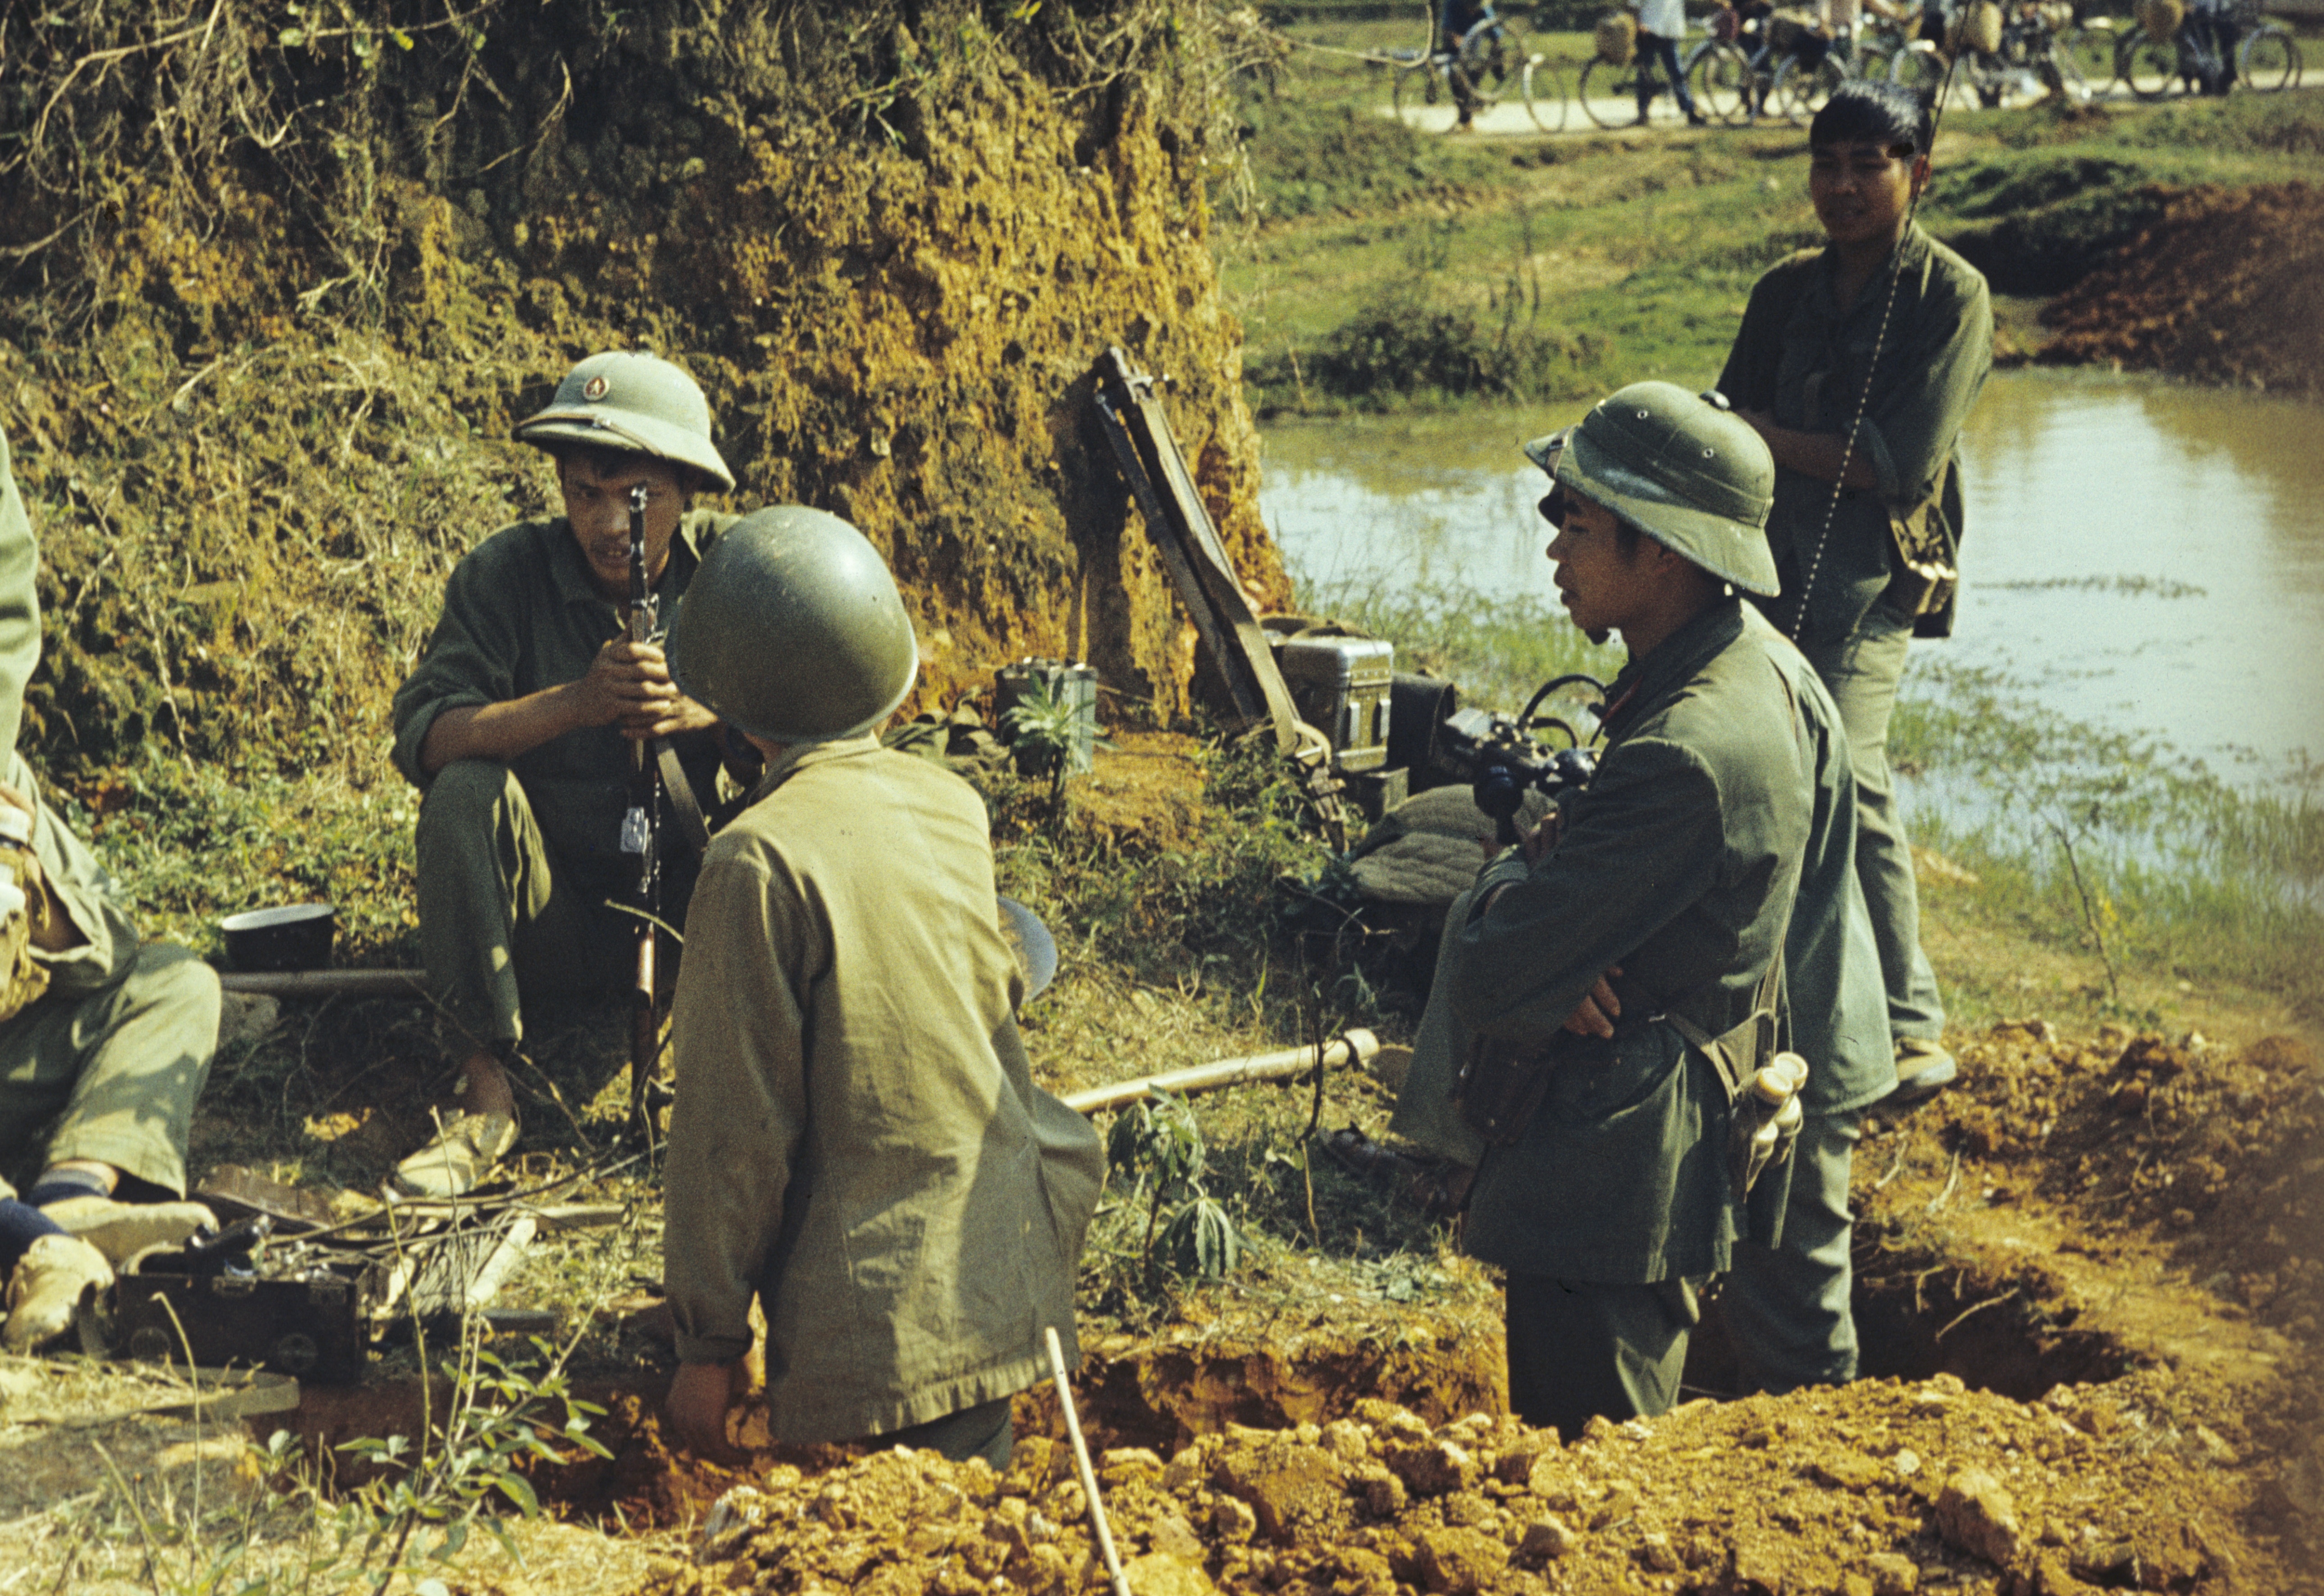 ... 17 tháng 2 năm 1979. AFP photo